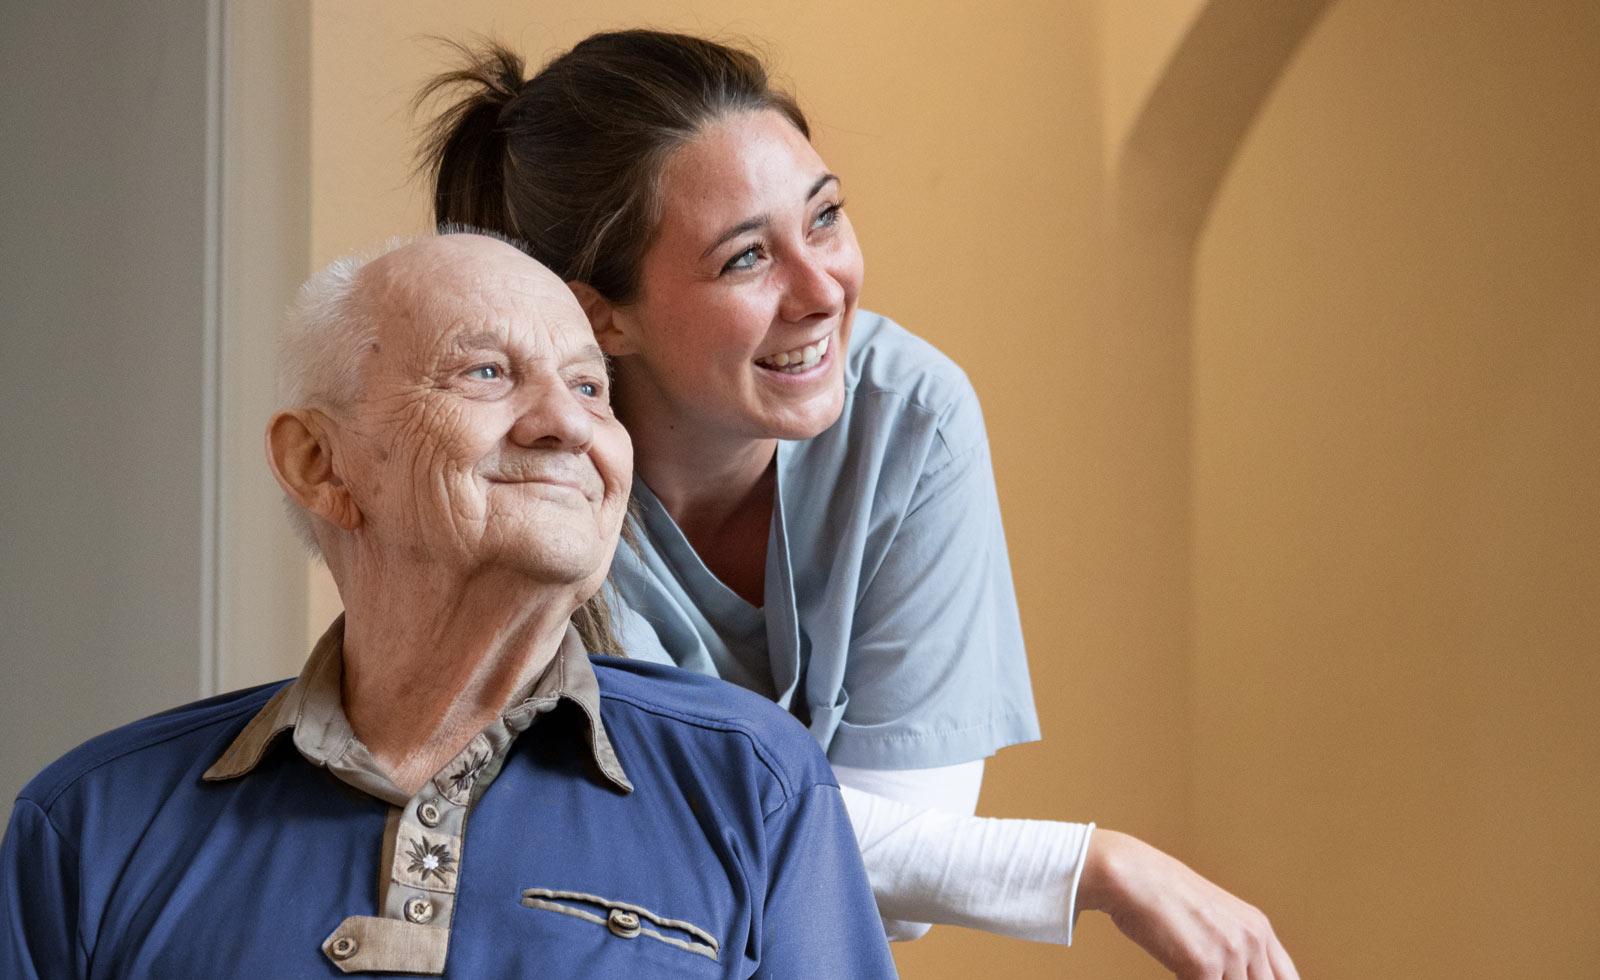 Stiftung Hospital St. Cyriaci et Antonii – Altenpflegerin und Senior in der Stiftung Cyriaci et Antonii